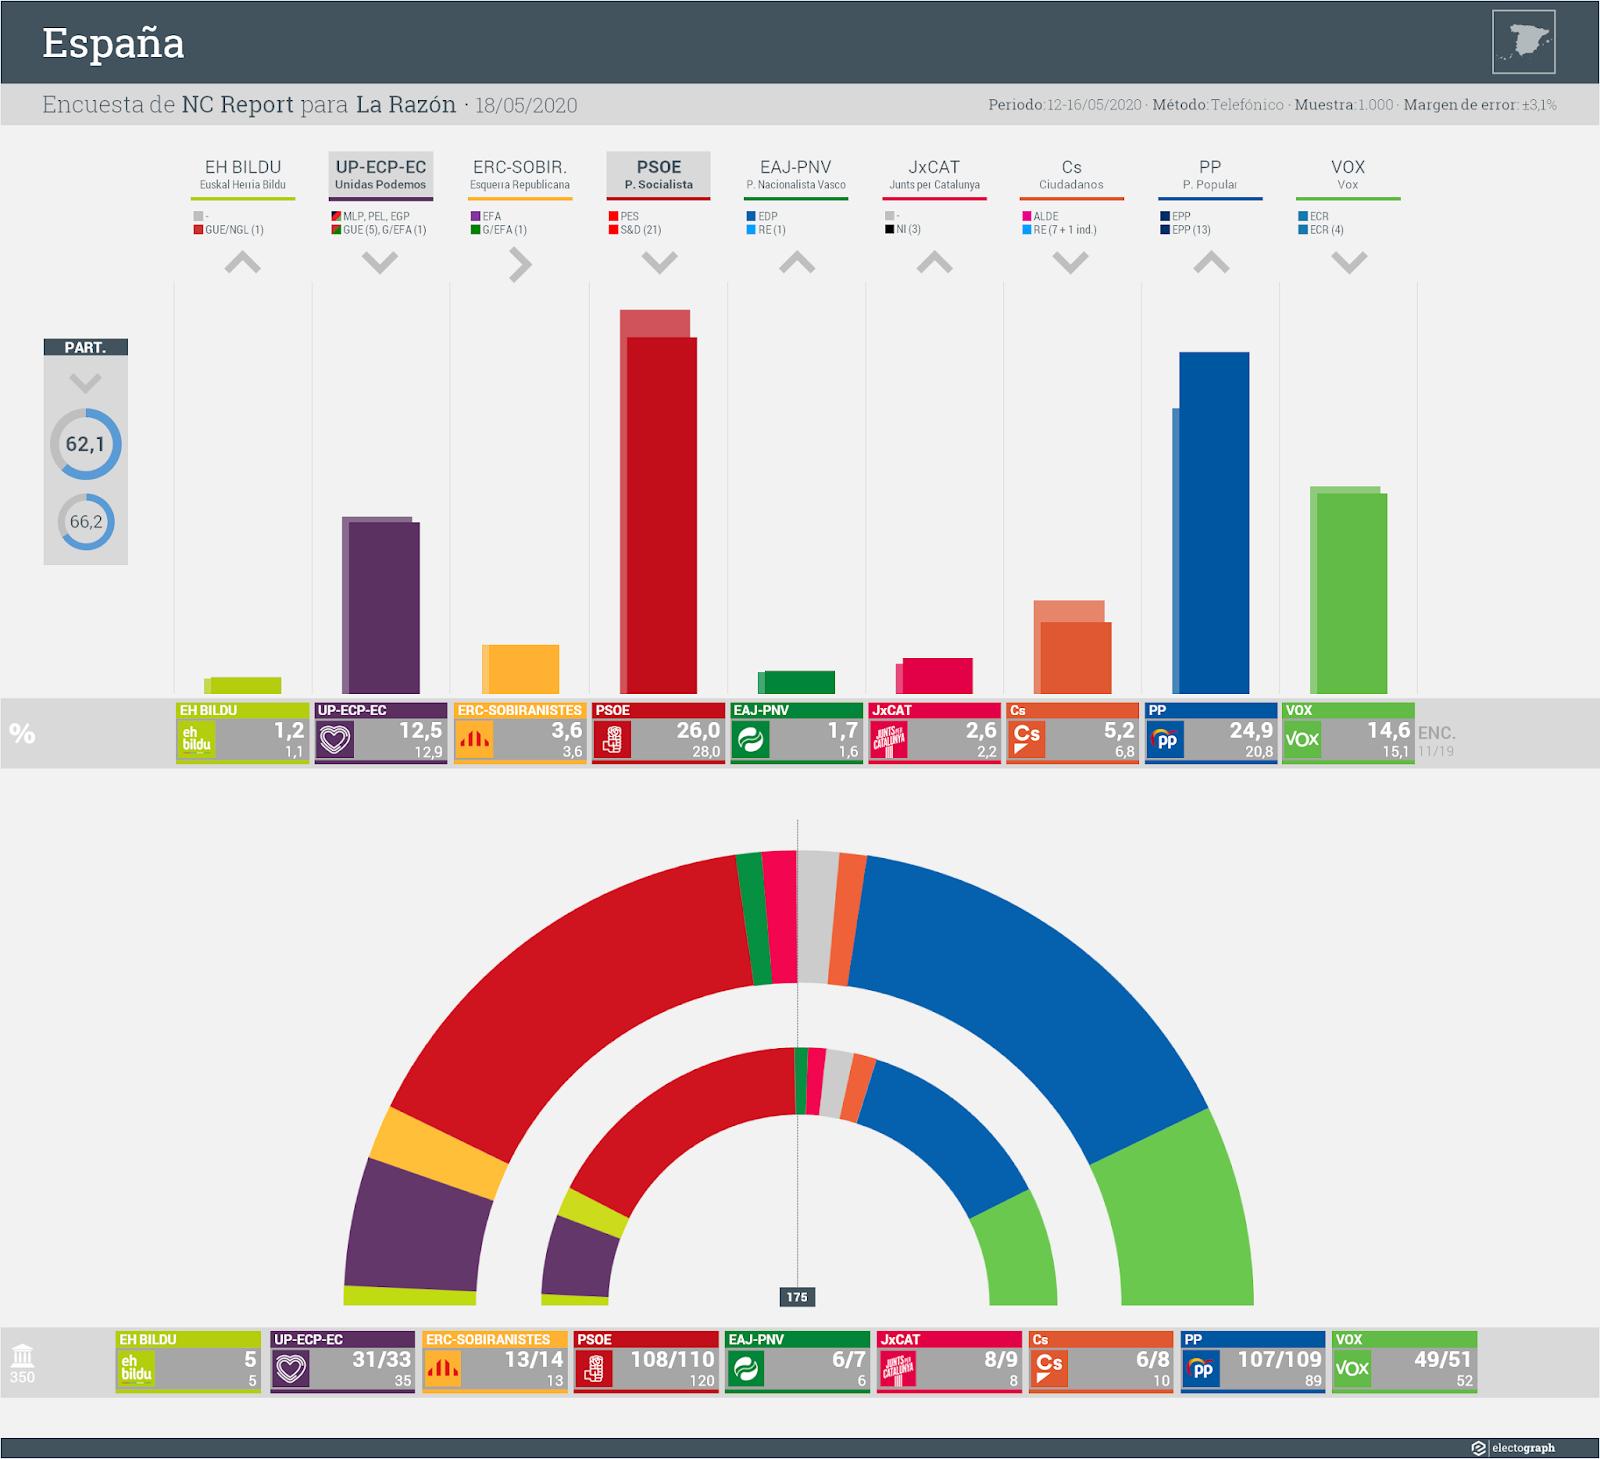 Gráfico de la encuesta para elecciones generales en España realizada por NC Report para La Razón, 18 de mayo de 2020